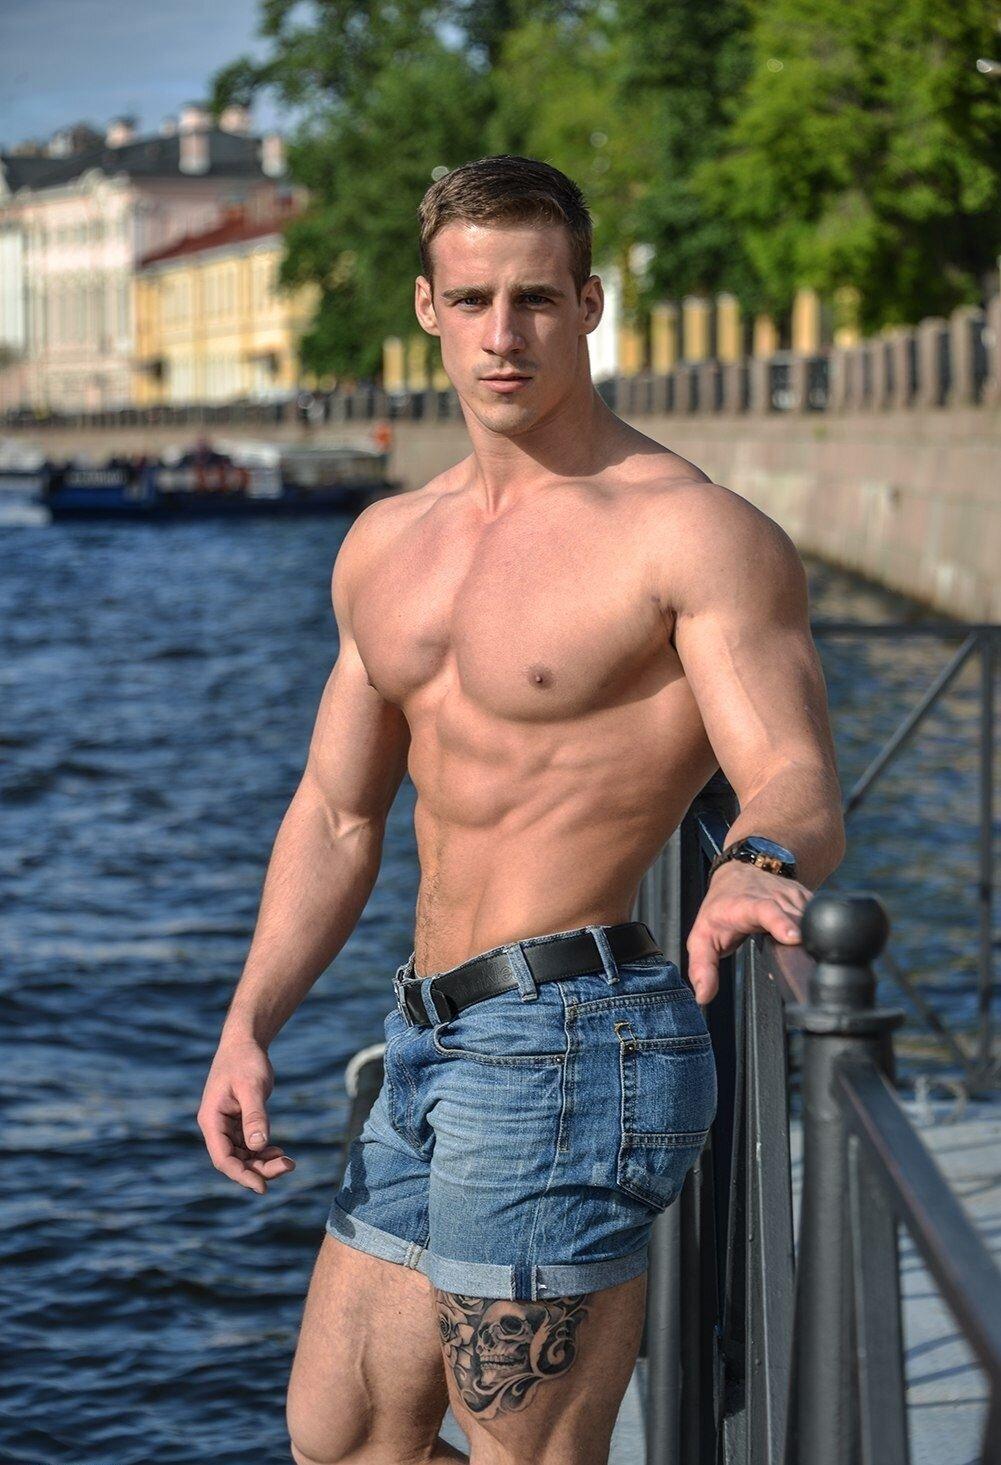 твоя чрезмерная красивые парни голые в джинсах фото промежность вся